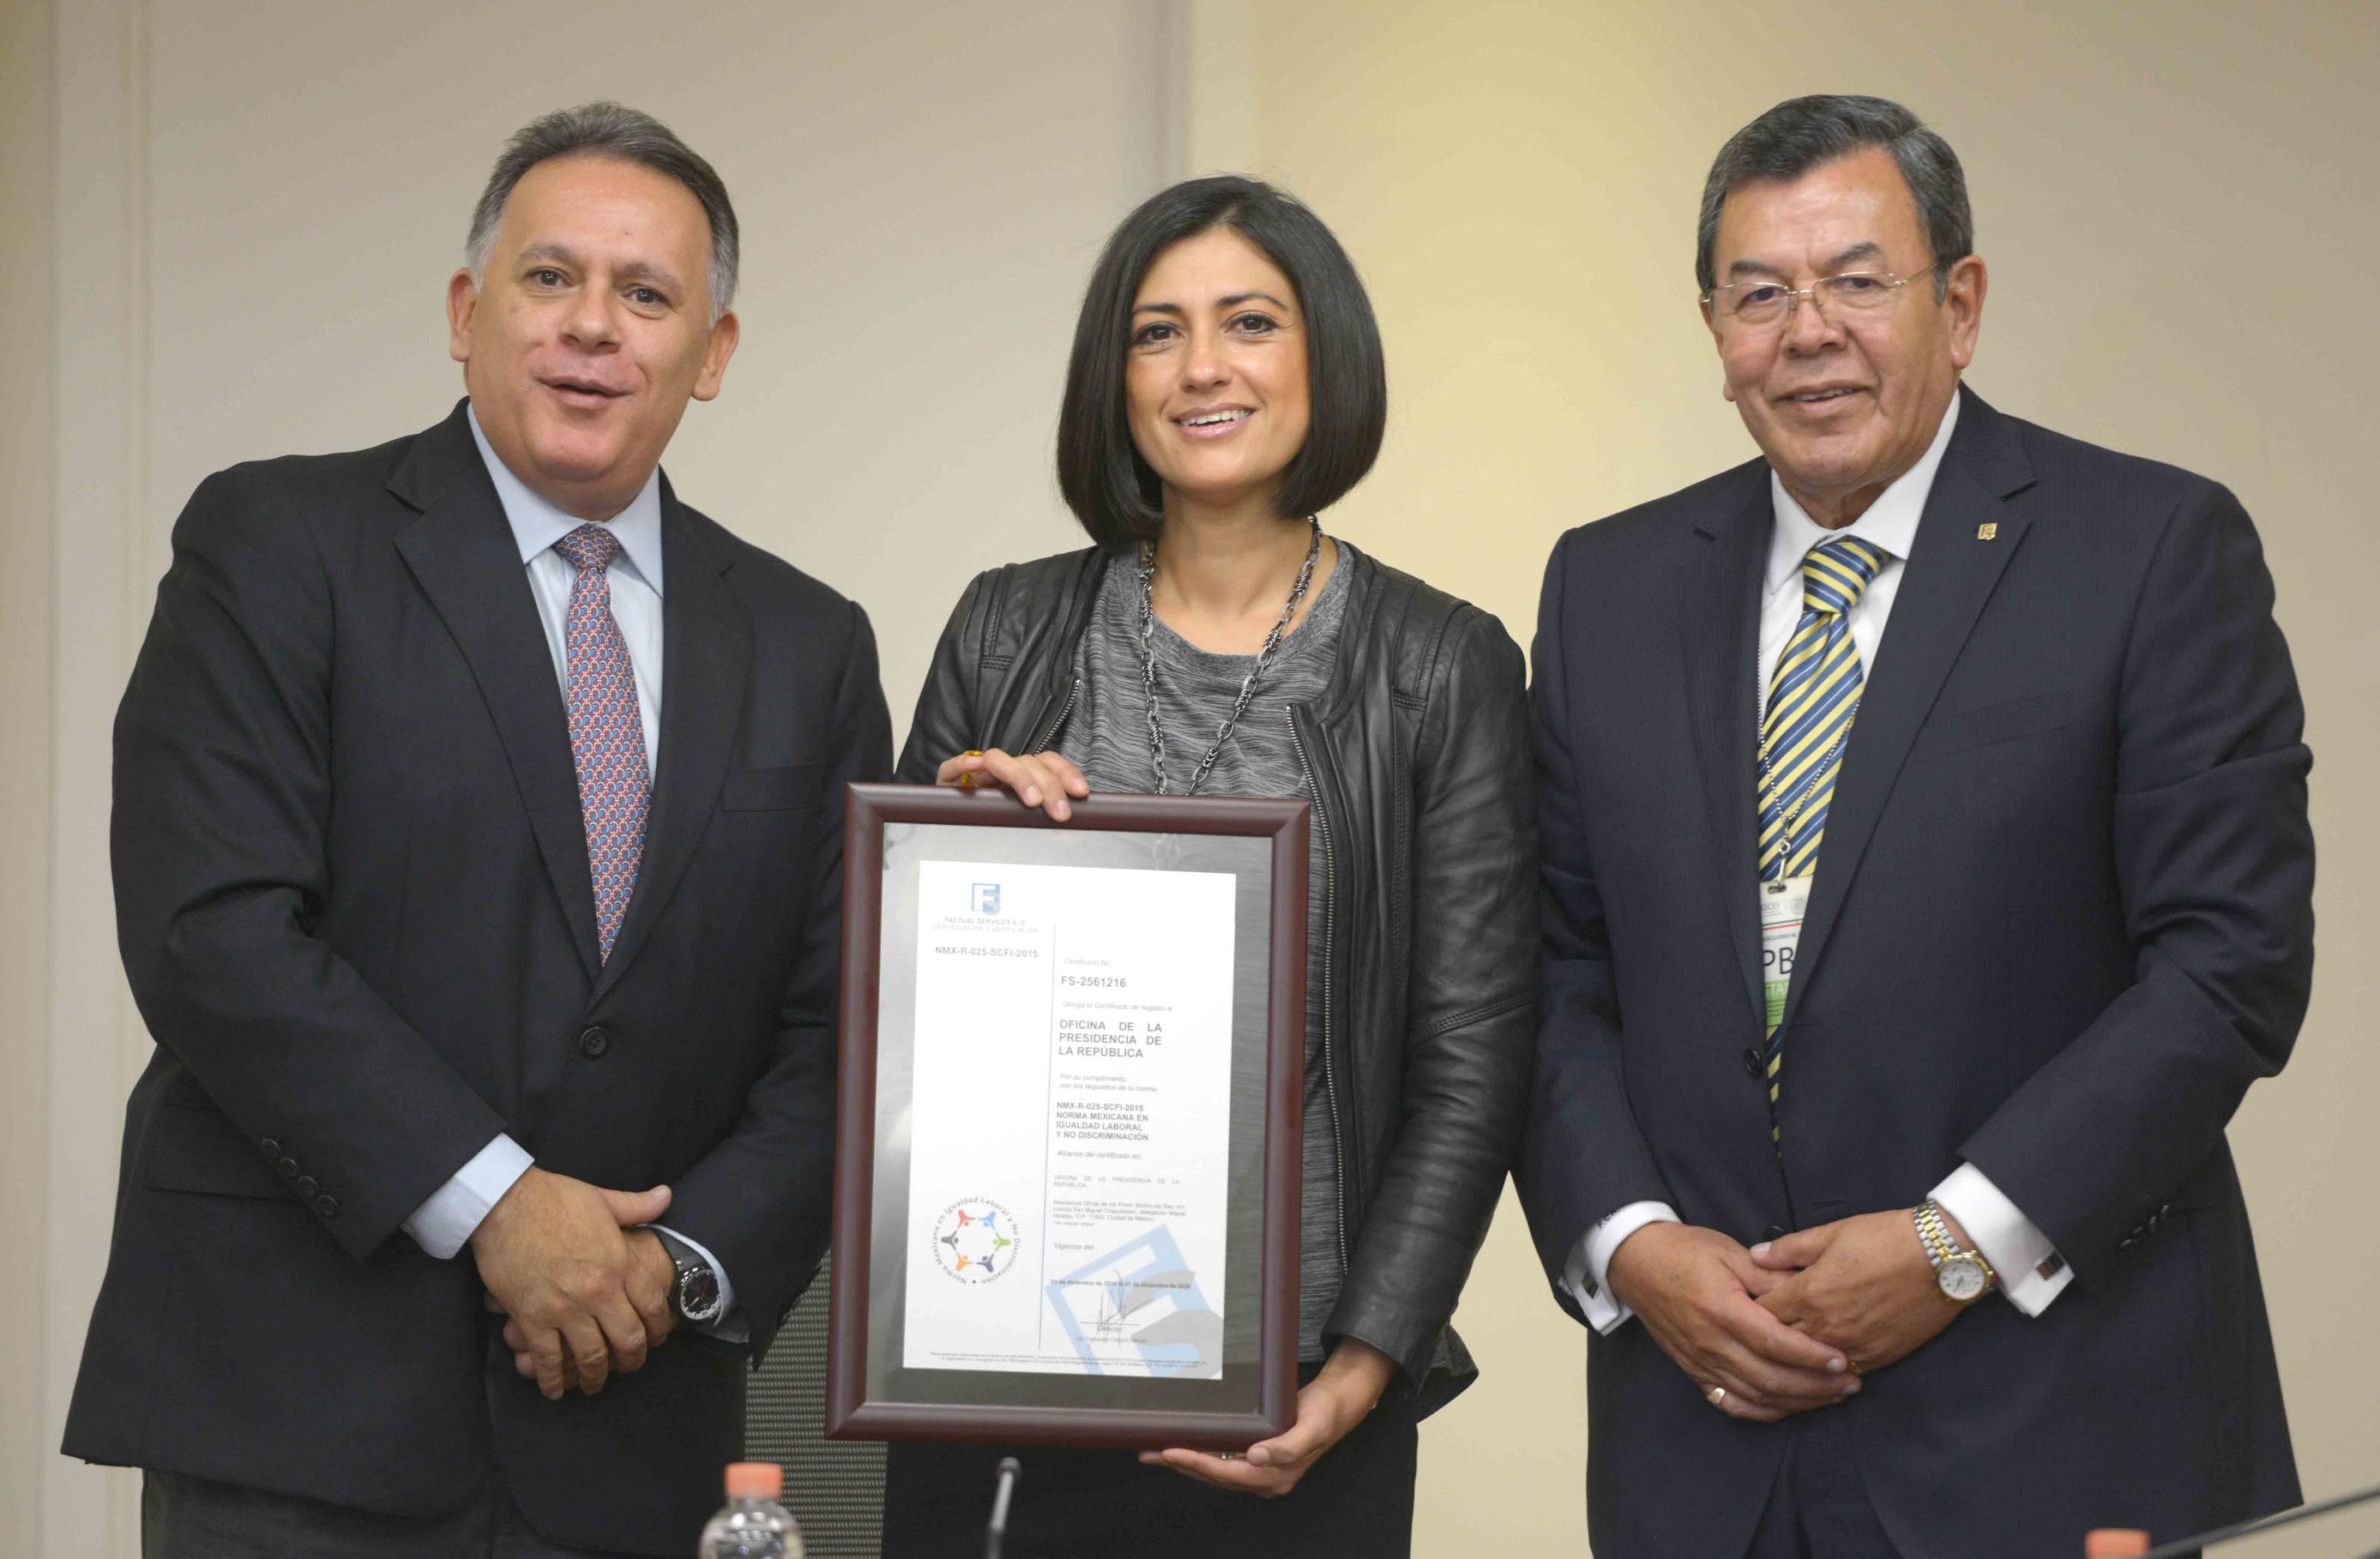 La Presidenta del INMUJERES, Lorena Cruz Sánchez, destacó que, por primera vez, un Presidente de la República elevó al más alto nivel el tema de la igualdad y la prevención de la violencia contra las mujeres.